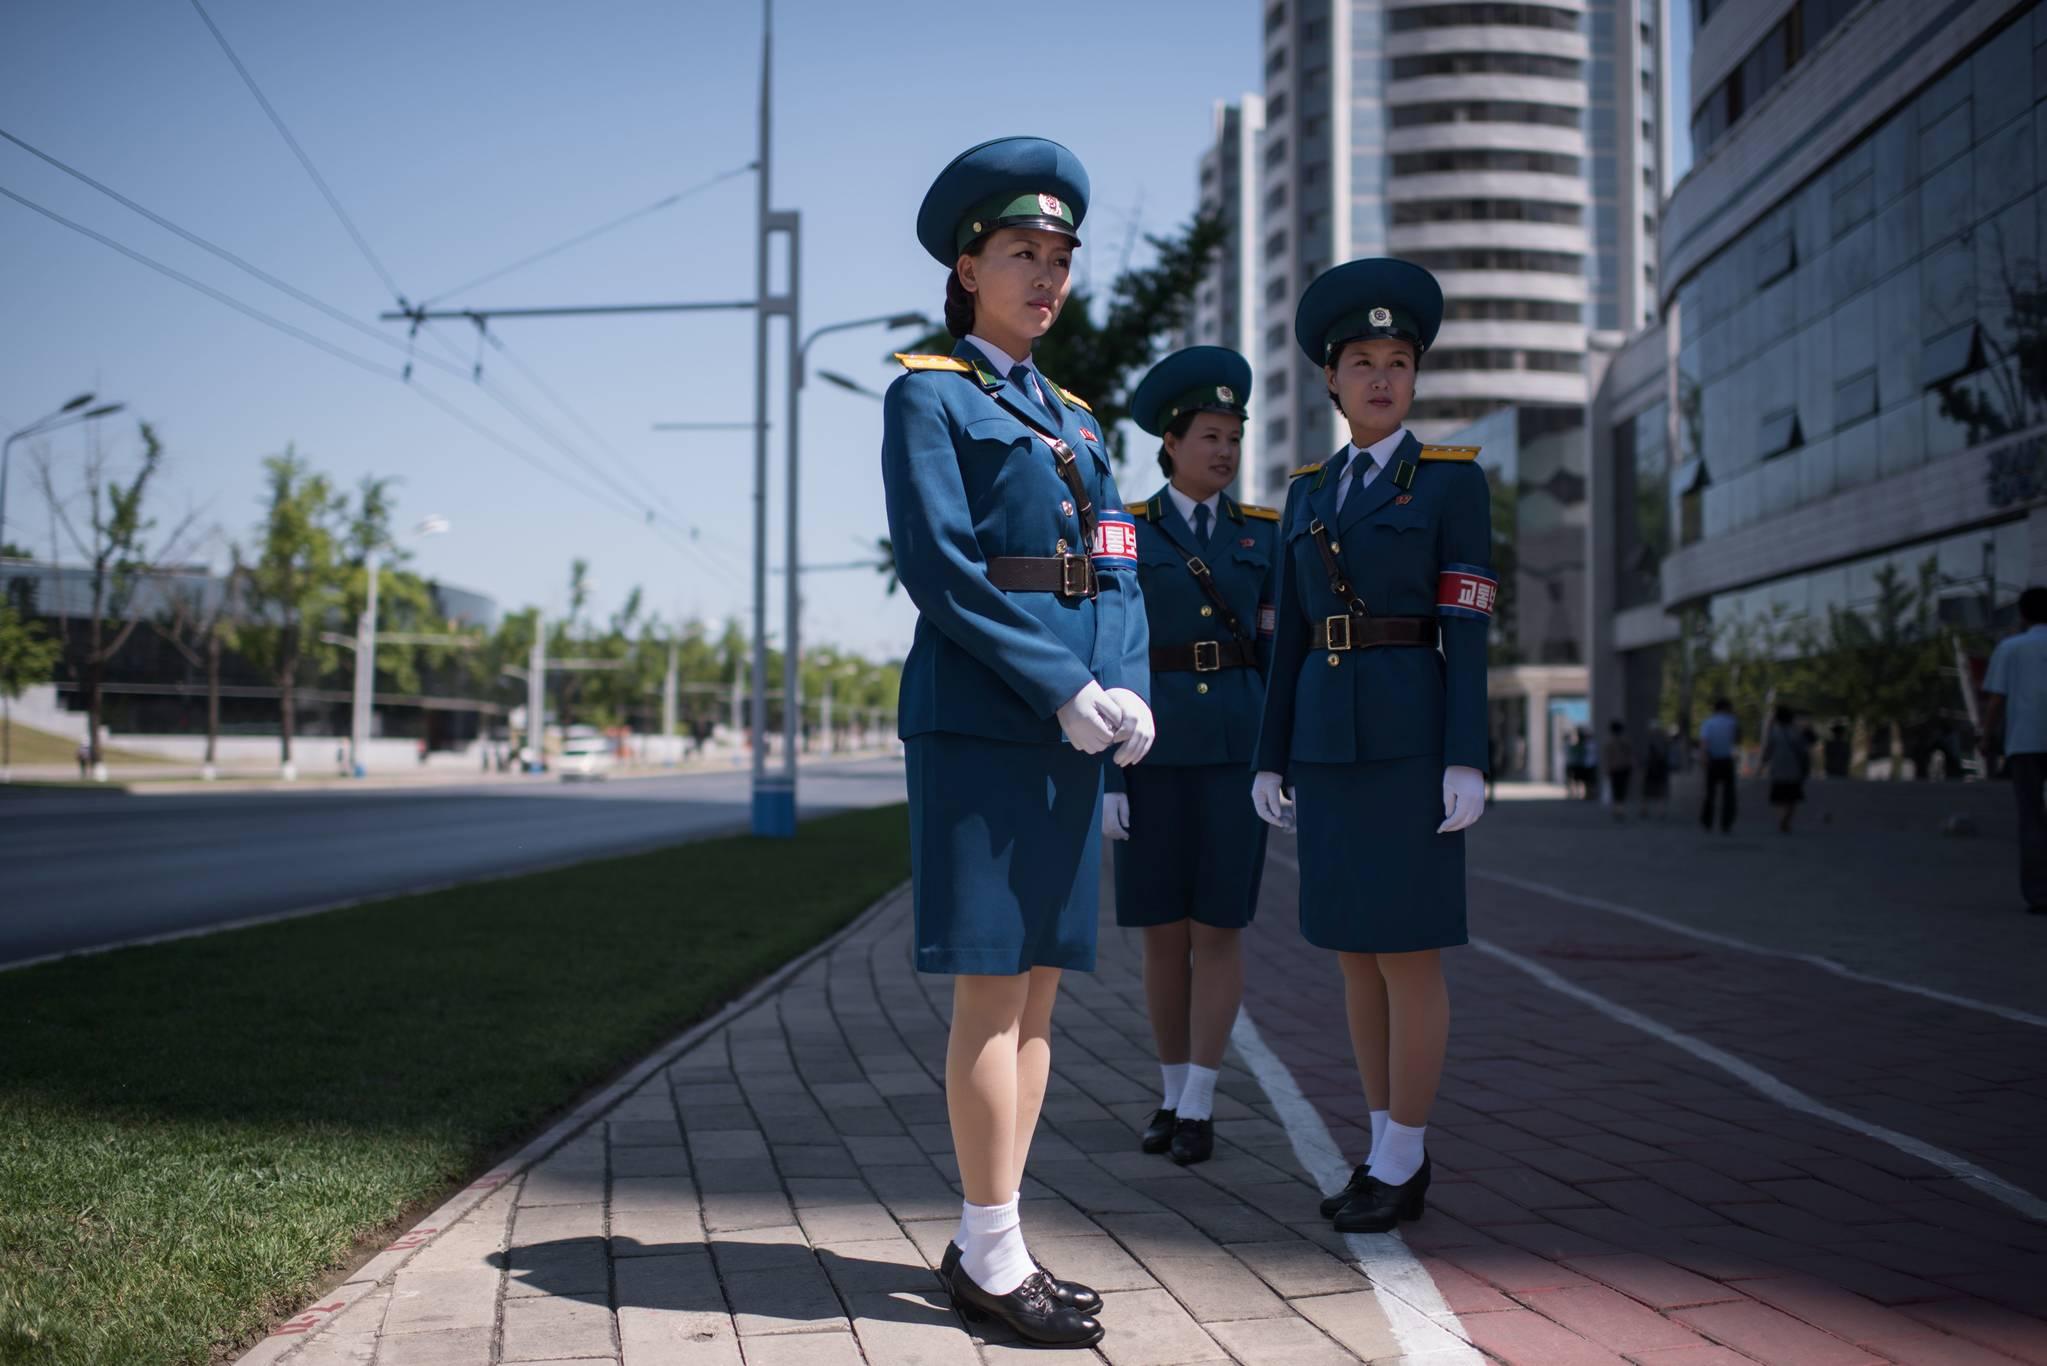 북한 여성 교통보안원들이 지난 4일 평야 시내 교차로에 서있다. 이들의 선발기준은 외모다.[AFP=연합뉴스]